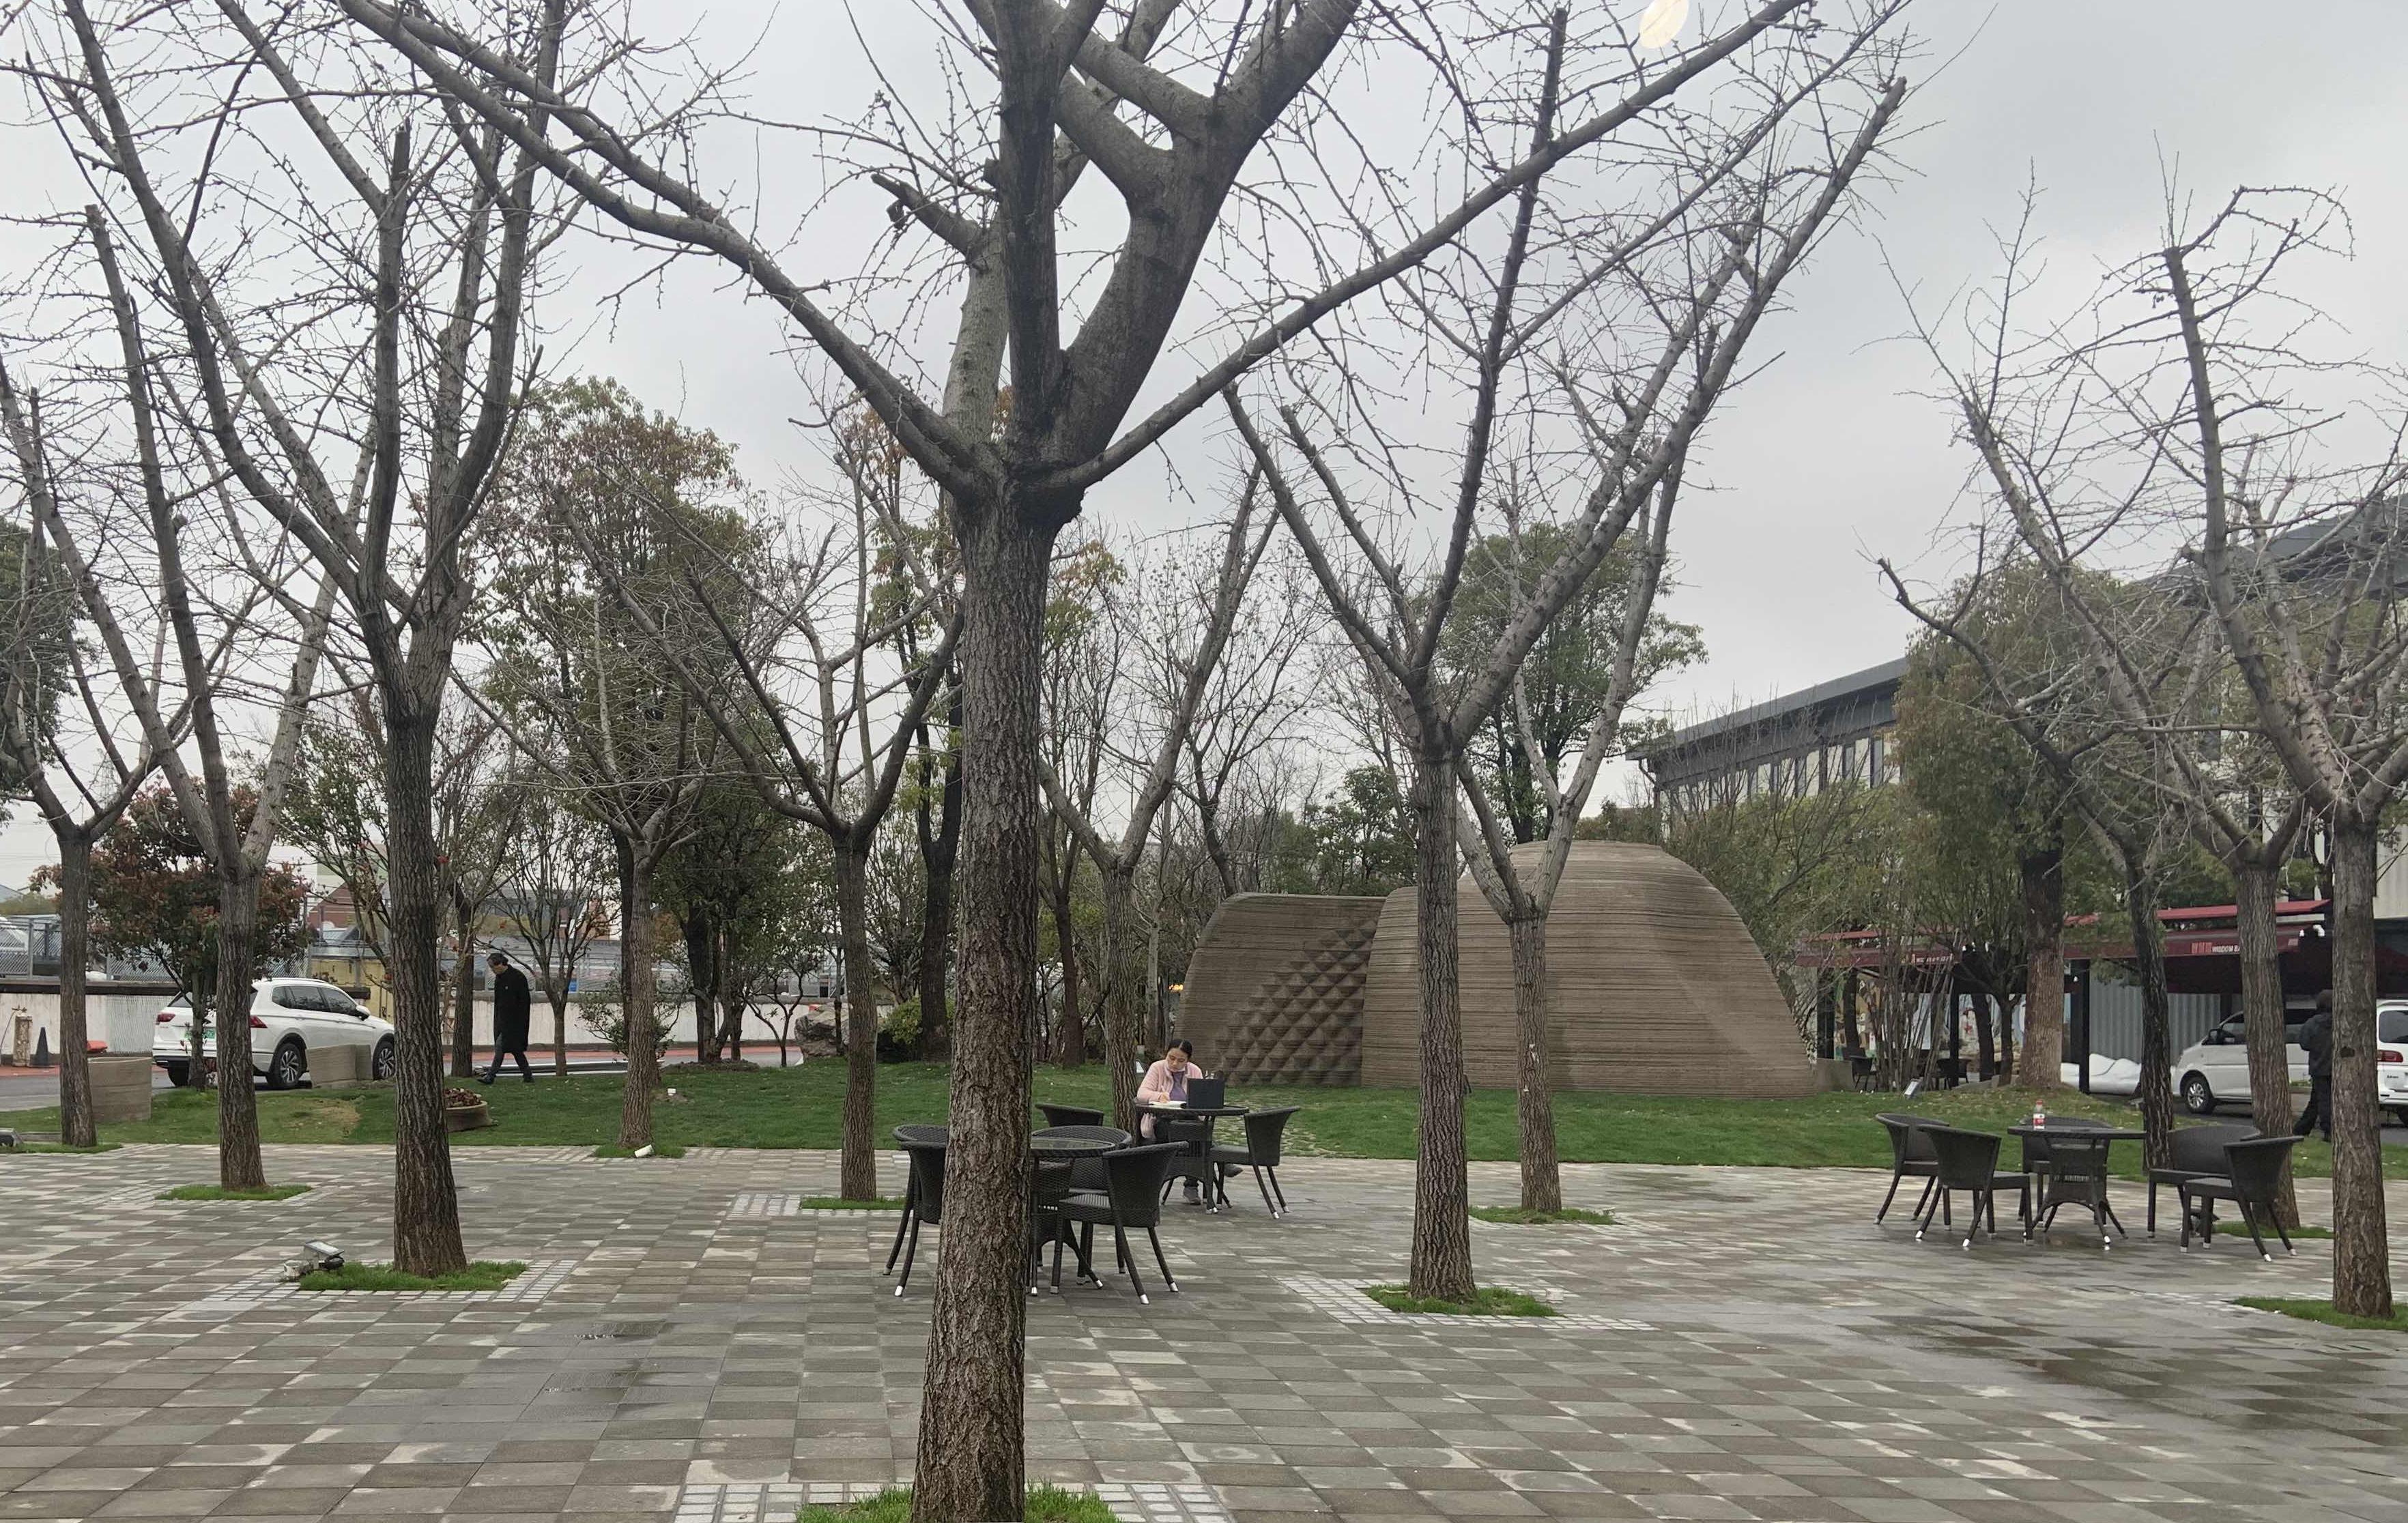 书屋坐落在小树林里 本文图片均为澎湃记者 邓玲玮 图